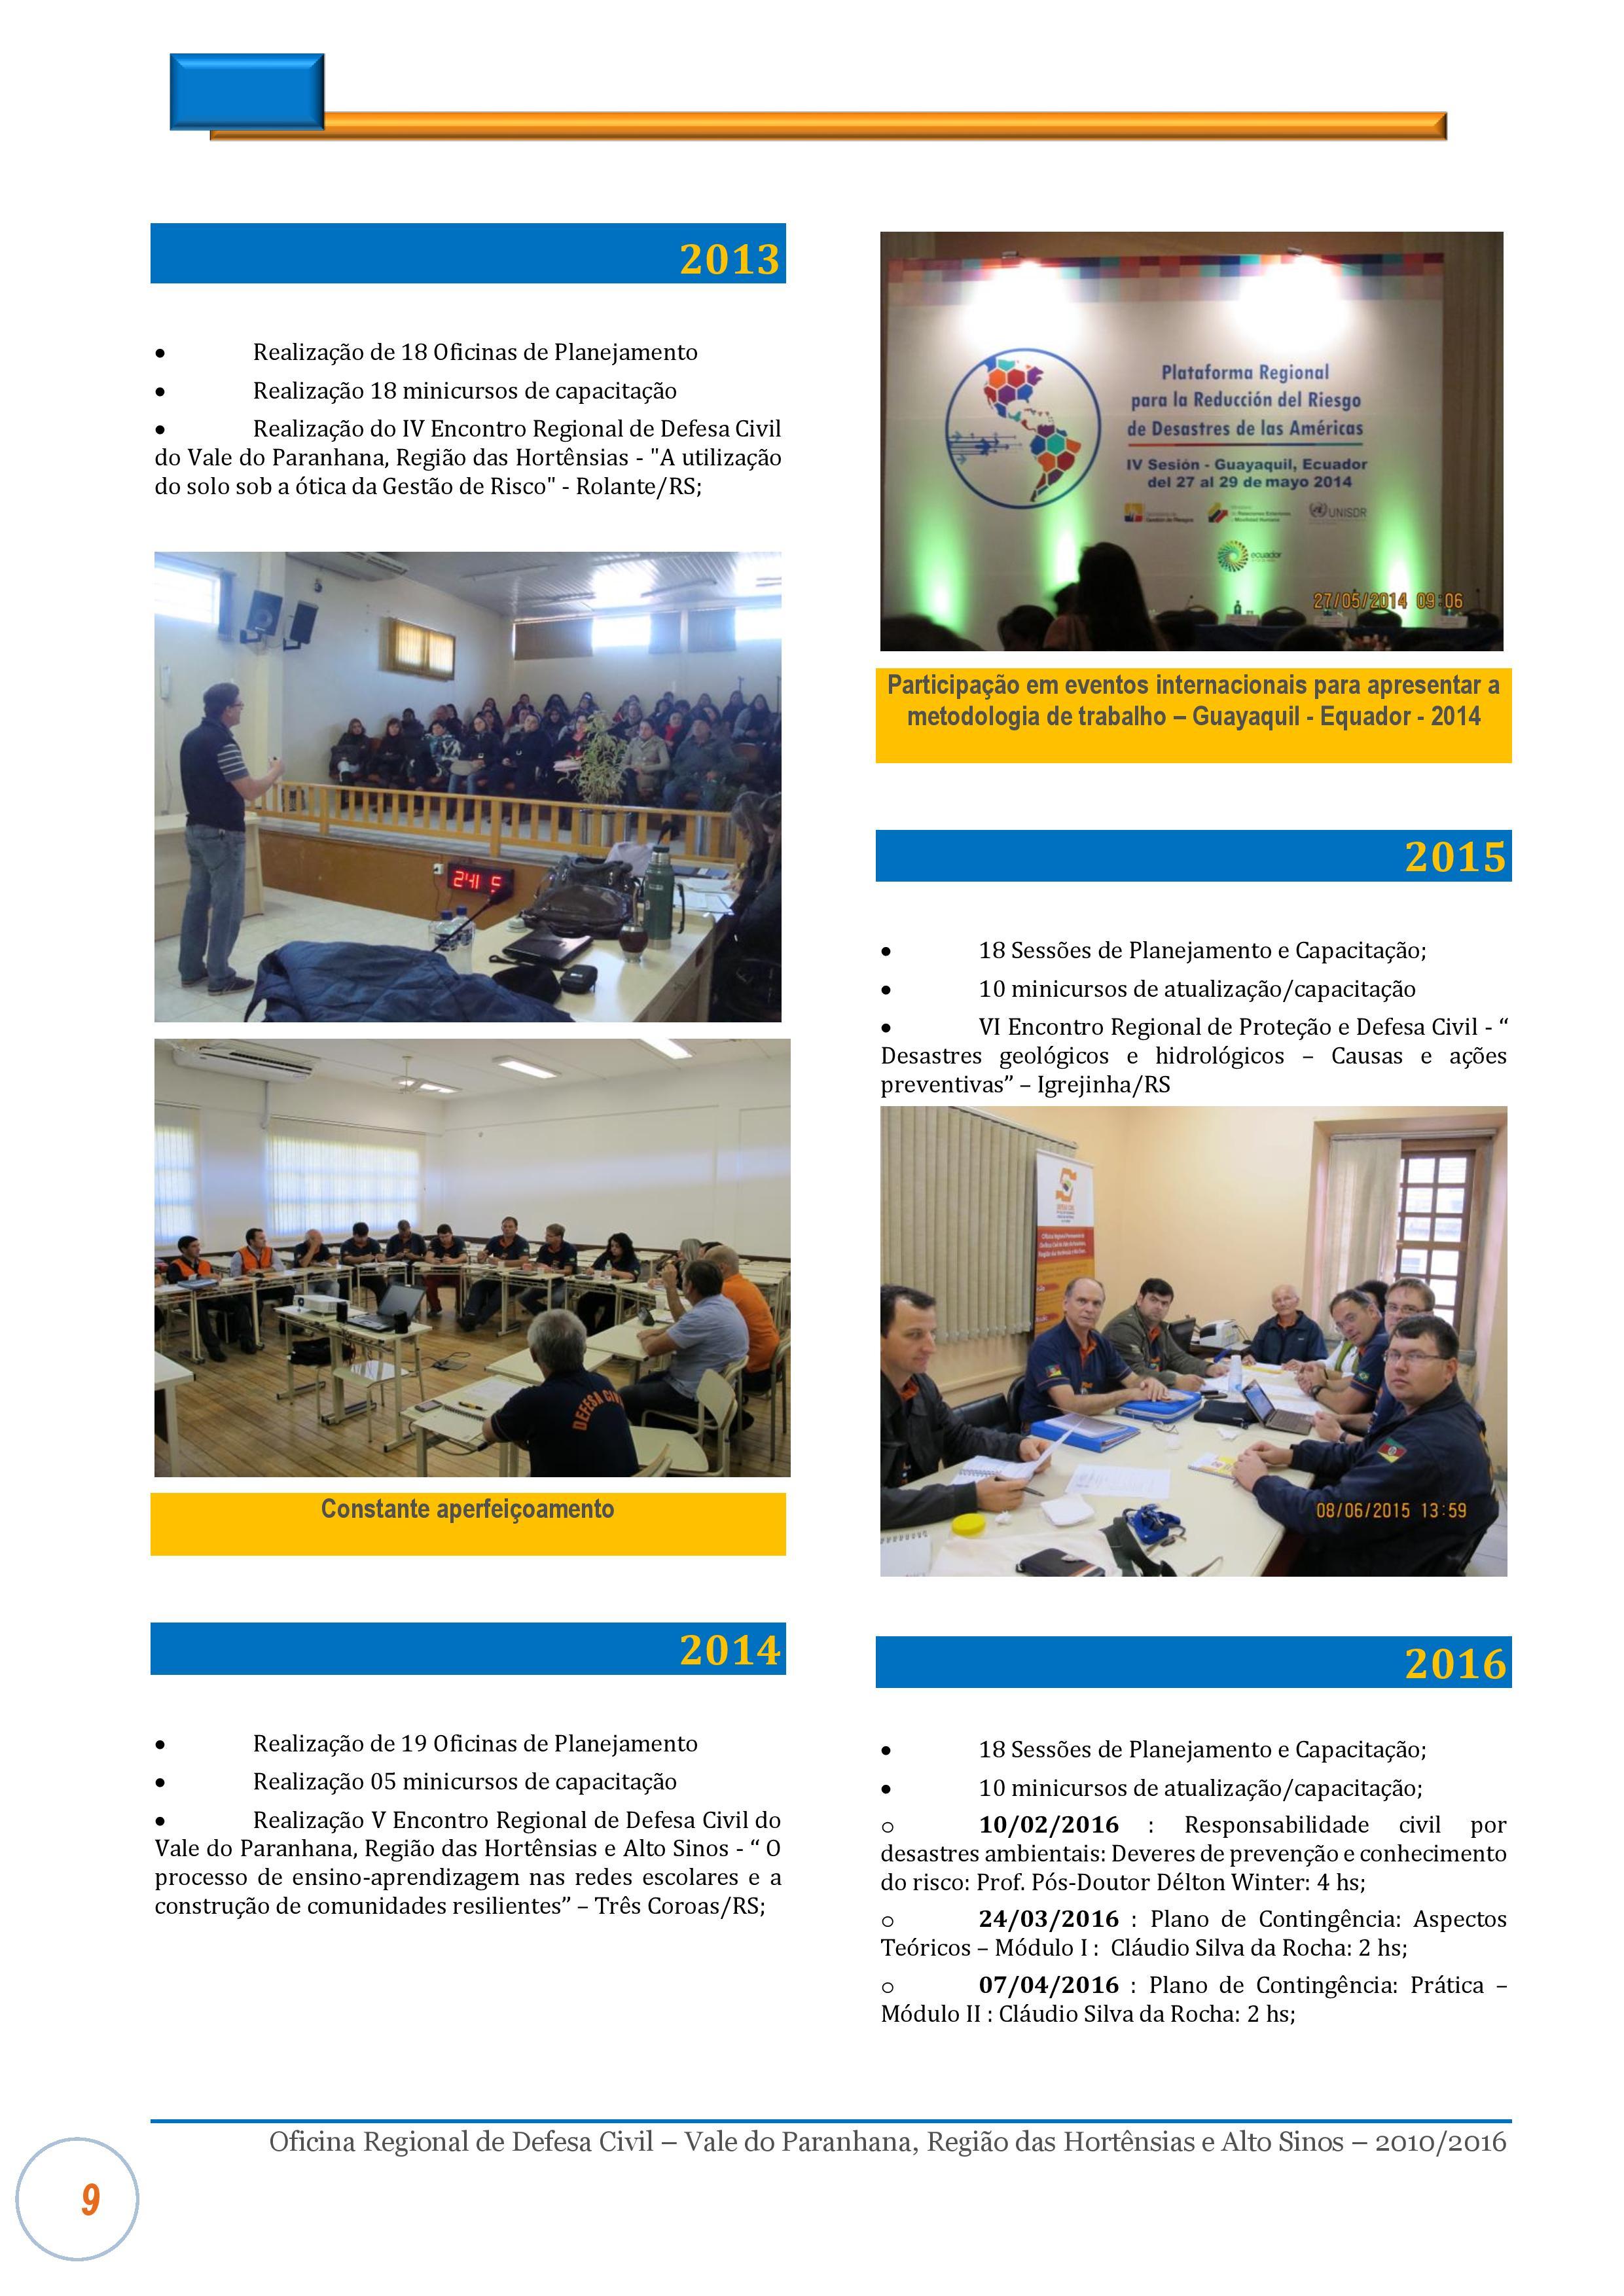 L_Histórico_ORPDC_Dez_2016 _final_2-page-009